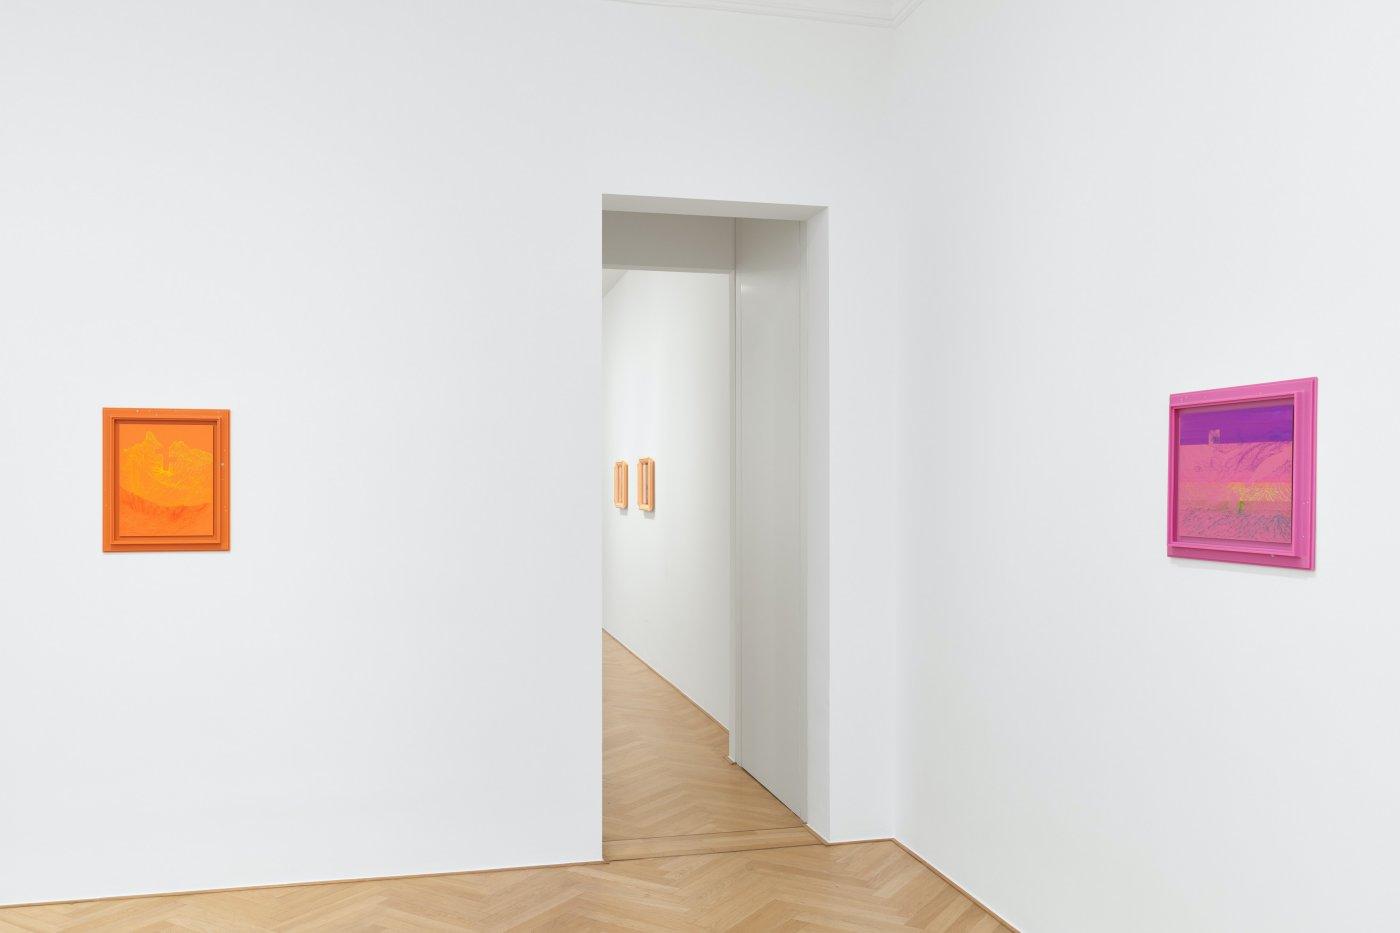 Galerie Max Hetzler Matthew Barney 6